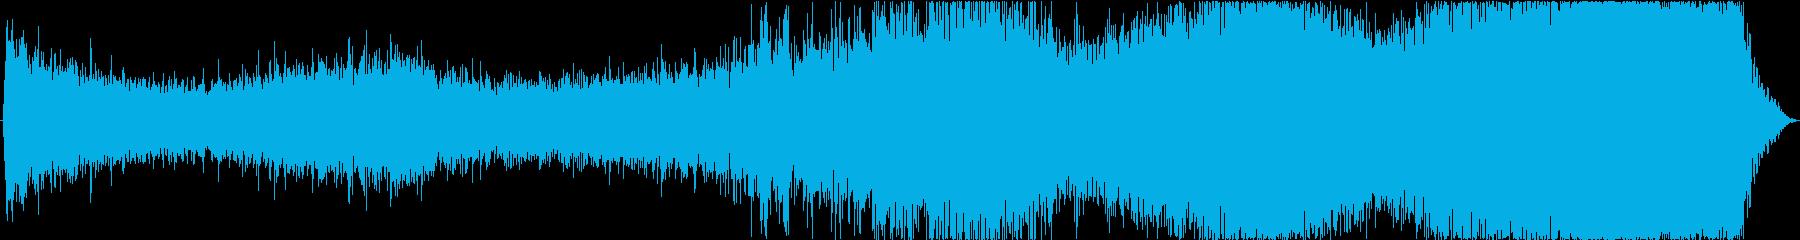 ドローン ガイガーカウンター01の再生済みの波形